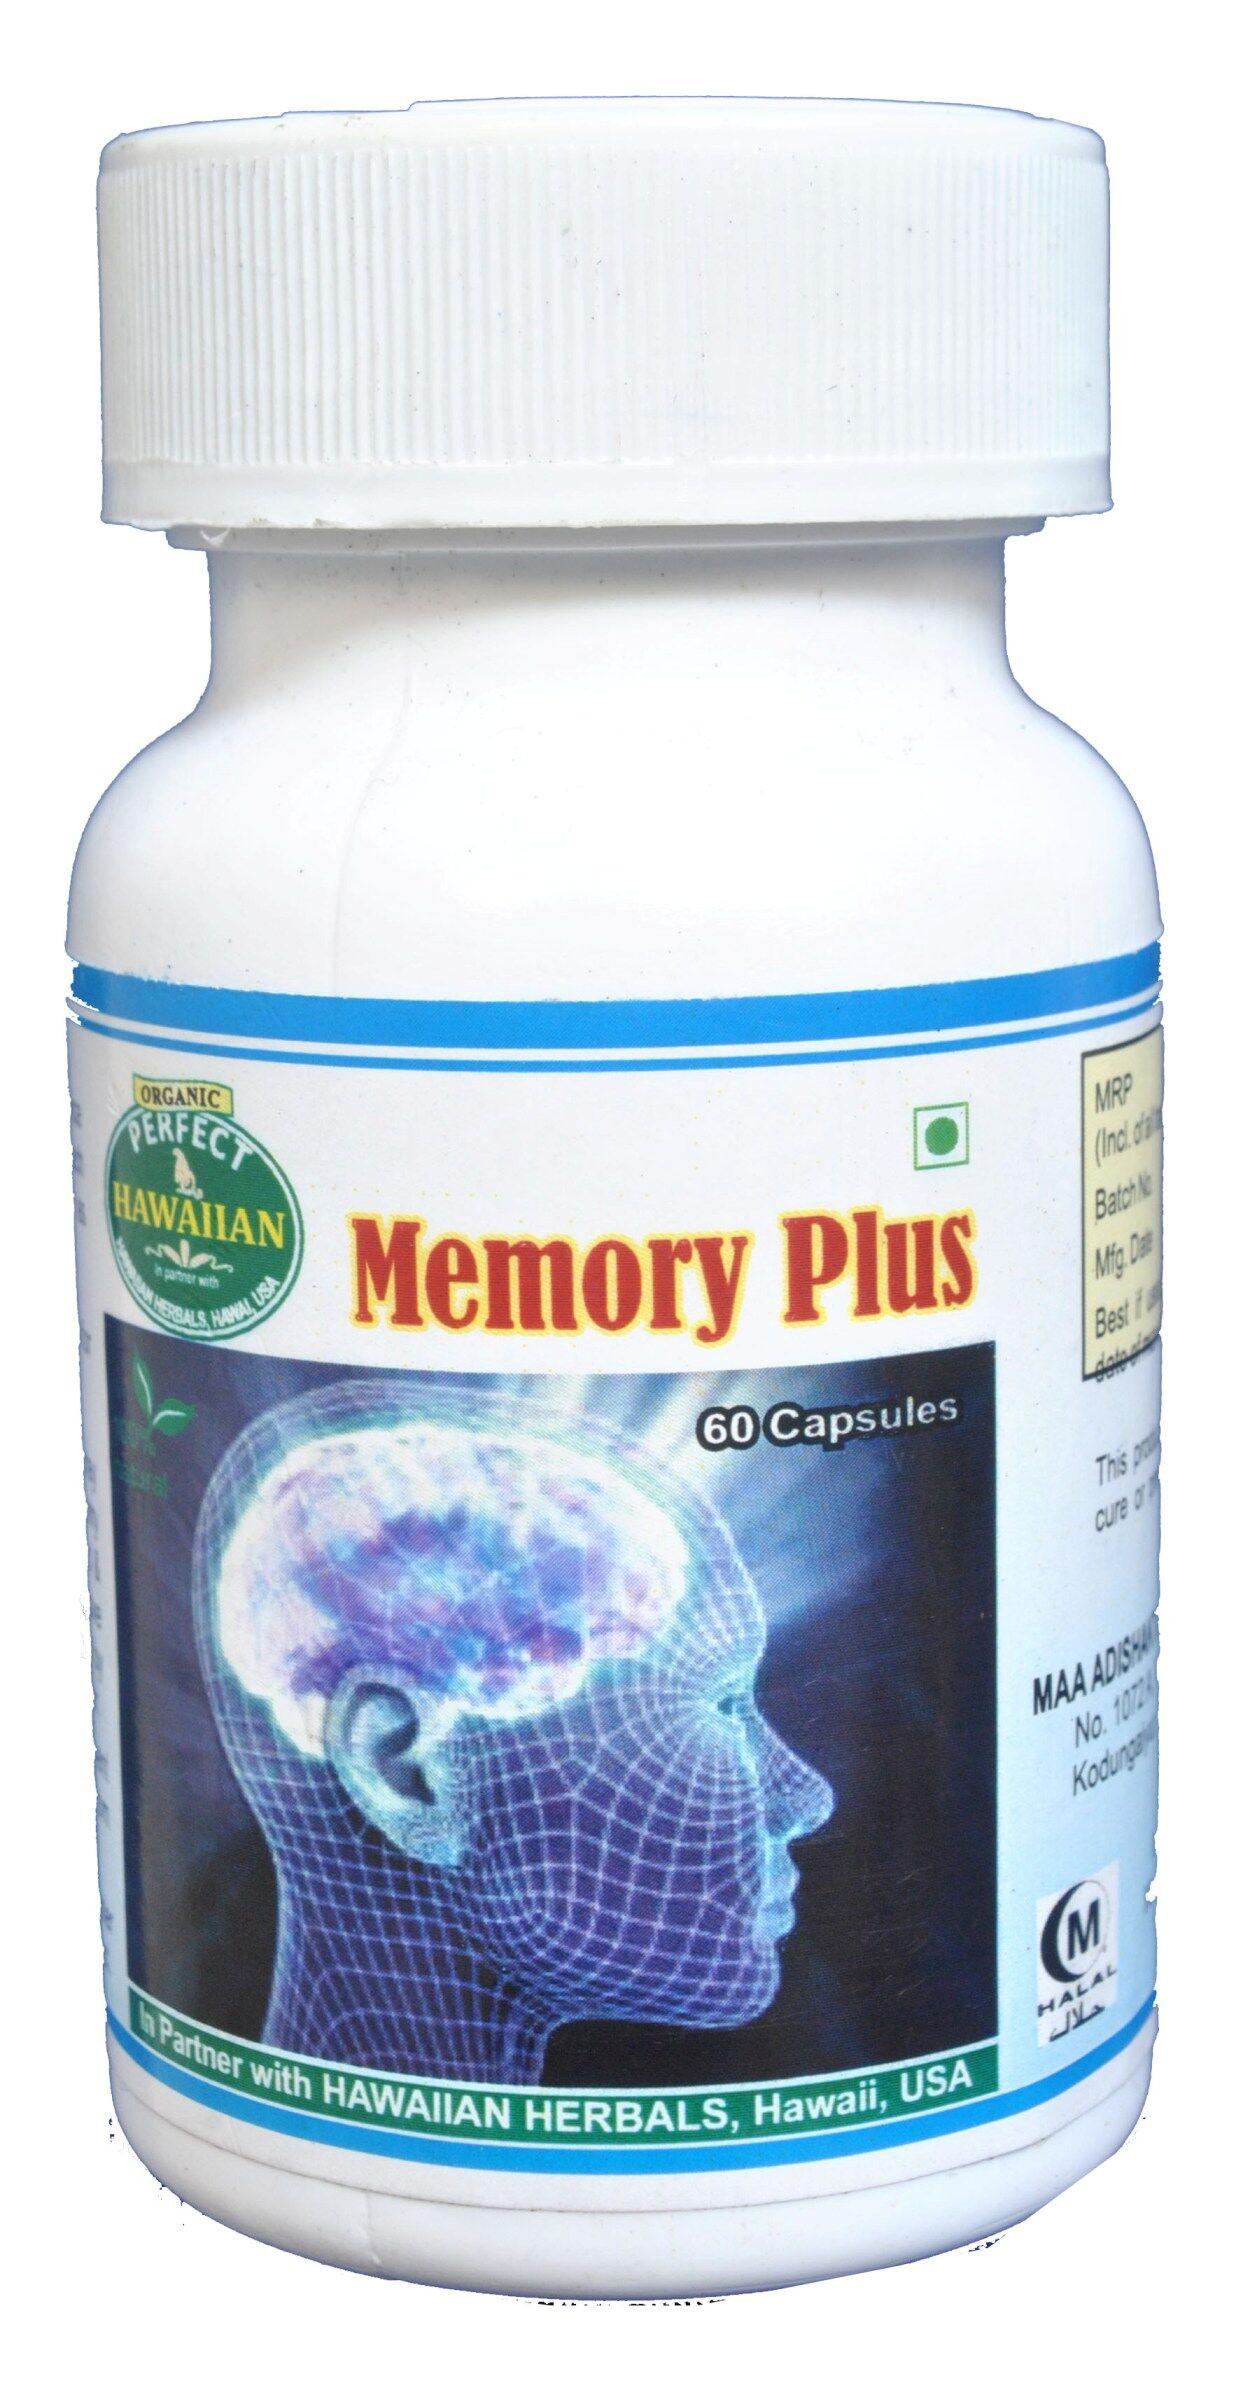 Hawaiian herbal memory plus capsule